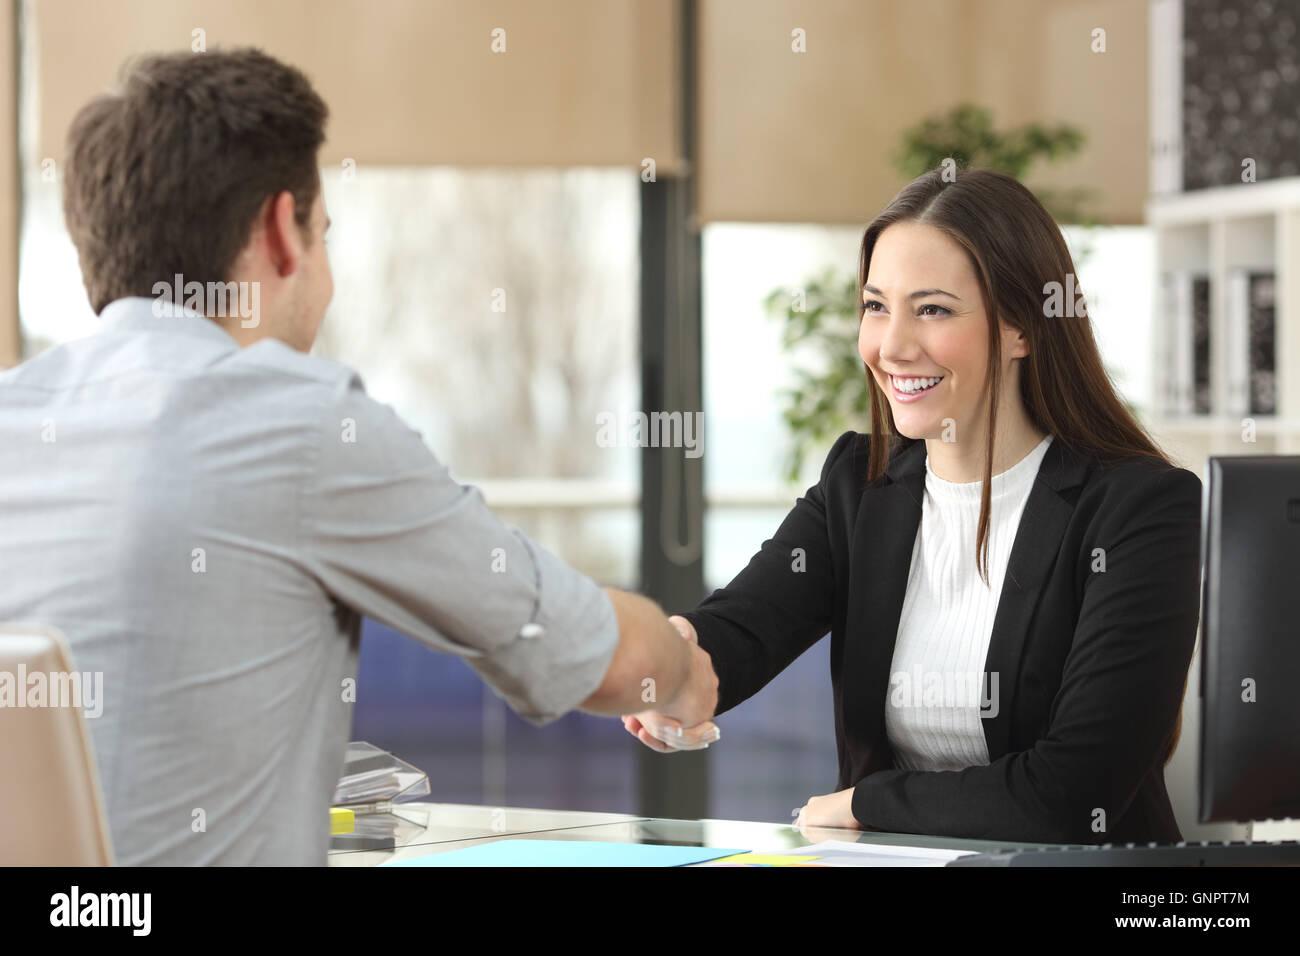 Happy businesswoman handshaking avec client fermeture de la transaction dans un bureau intérieur avec une fenêtre Photo Stock